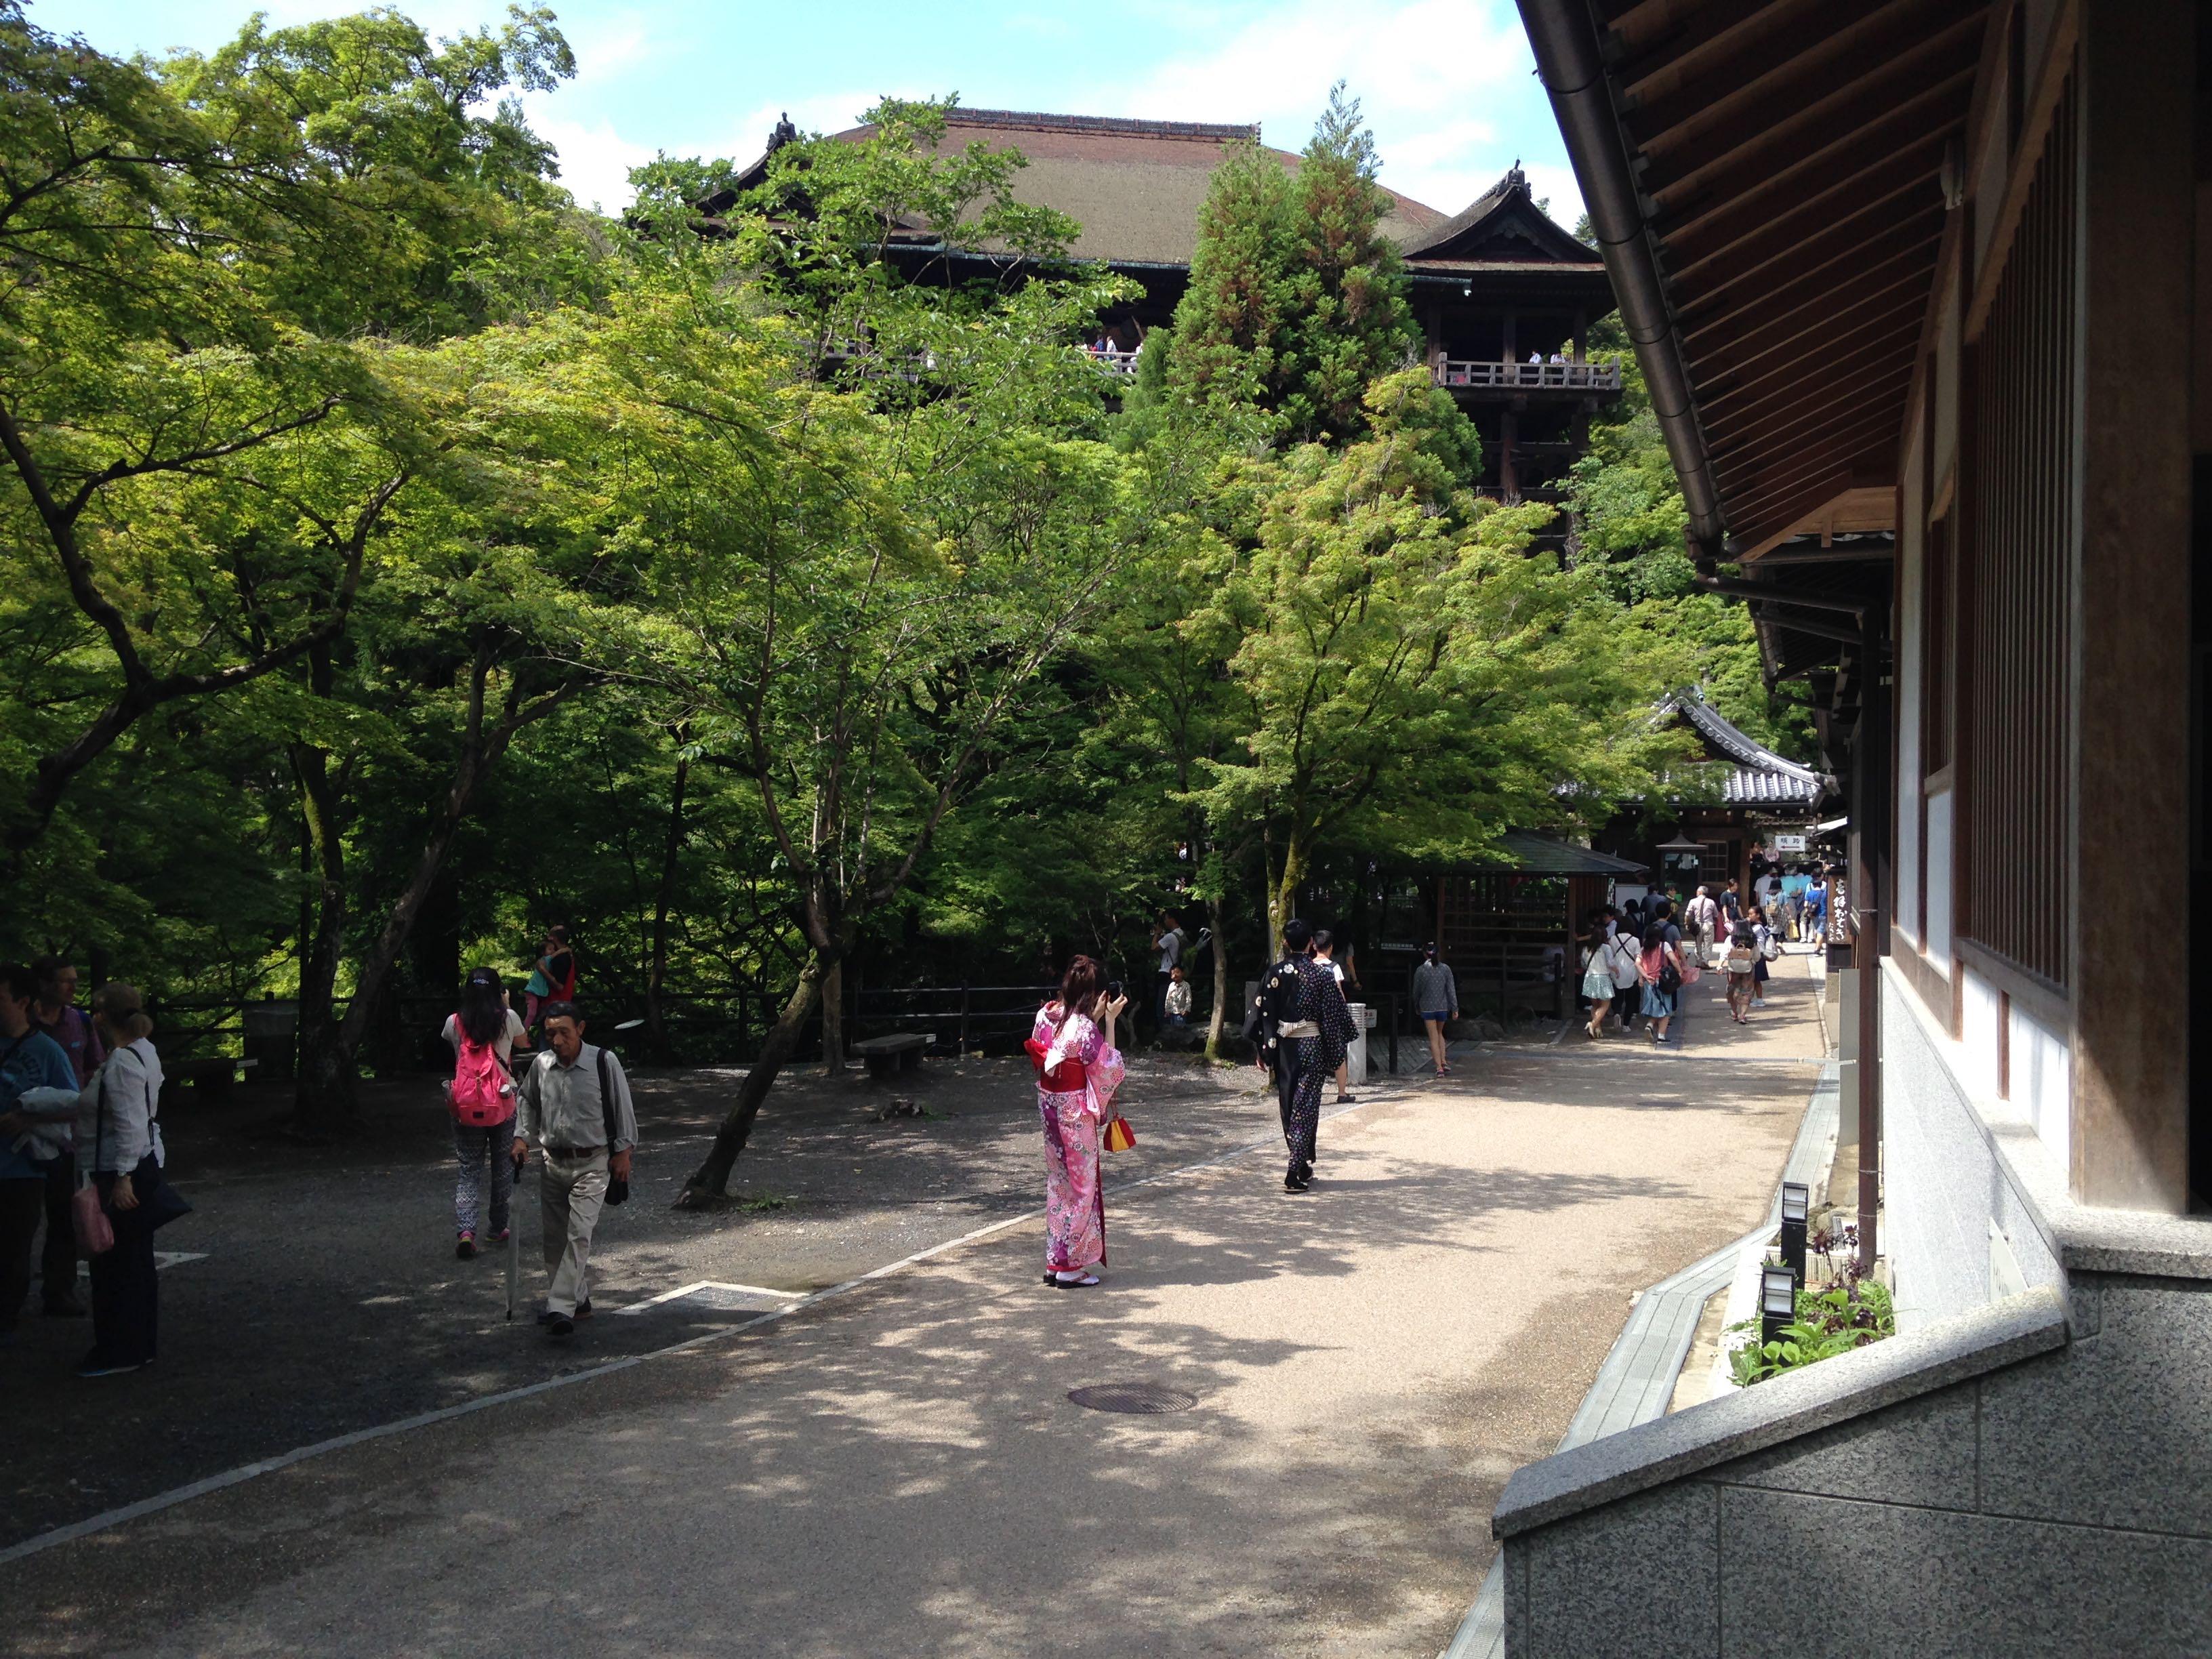 Vue du temple de Kiyomizu avec en avant plan un couple en kimono prenant des photos